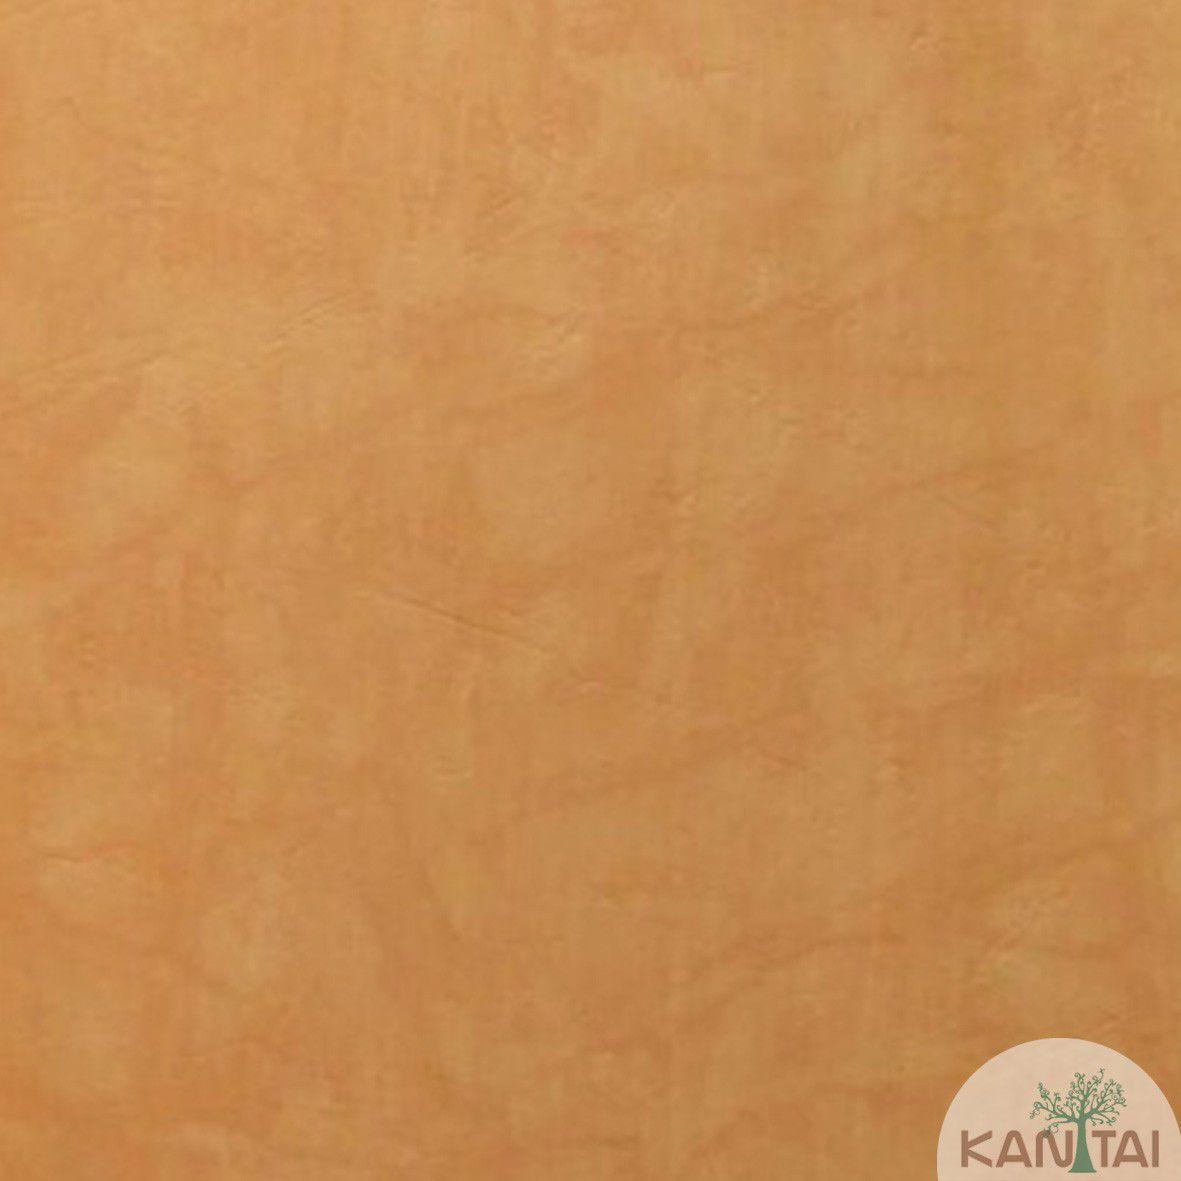 Papel de Parede  Kan Tai Vinilico Coleção Style Cimento Queimado Laranja